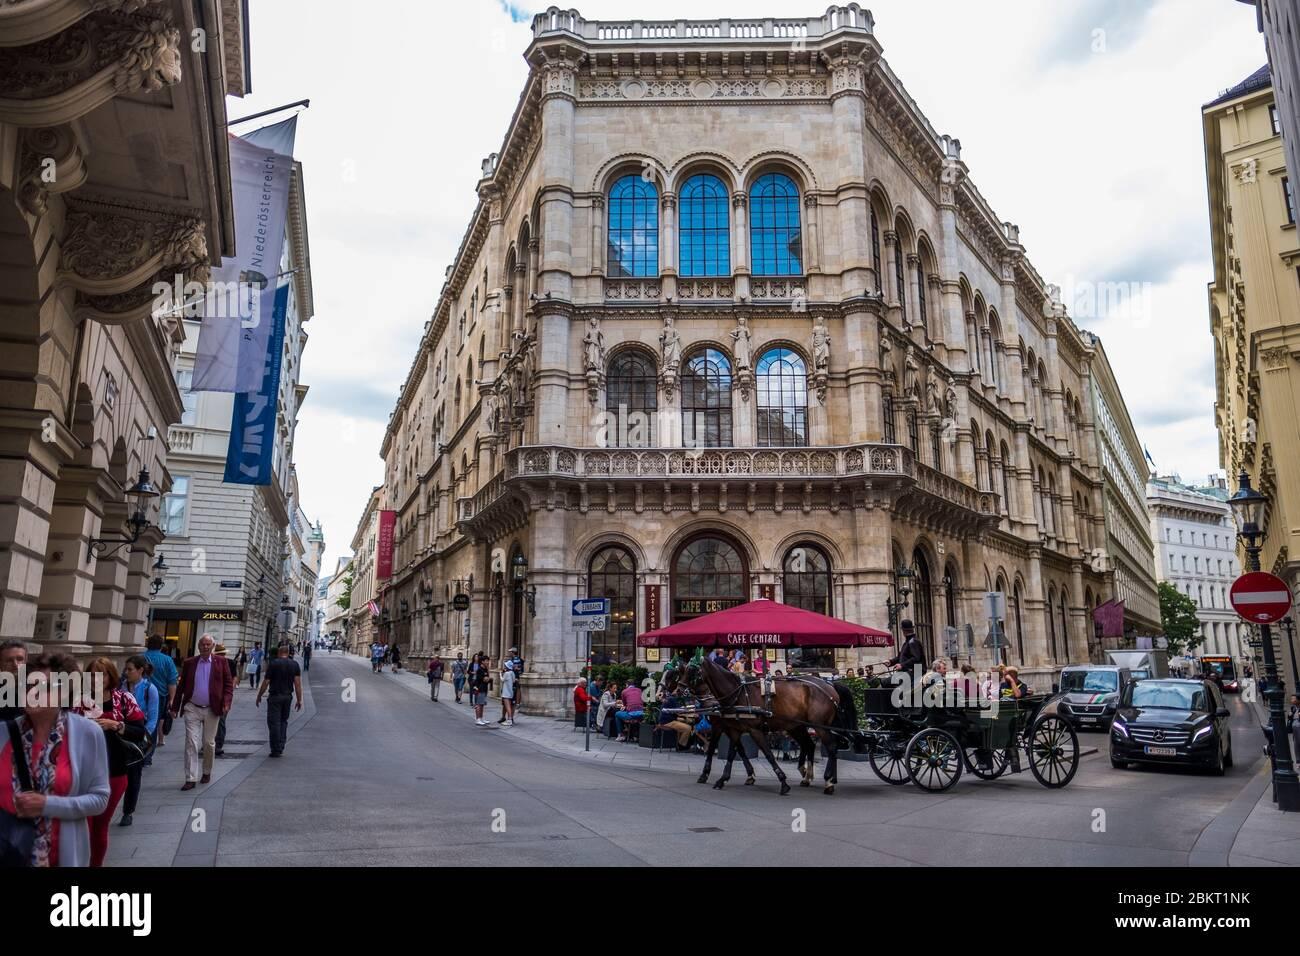 Austria, Viena, el centro de la cafetería? Inaugurado en 1876, se convirtió en uno de los puntos más destacados de la escena intelectual vienesa a finales del siglo XIX Foto de stock